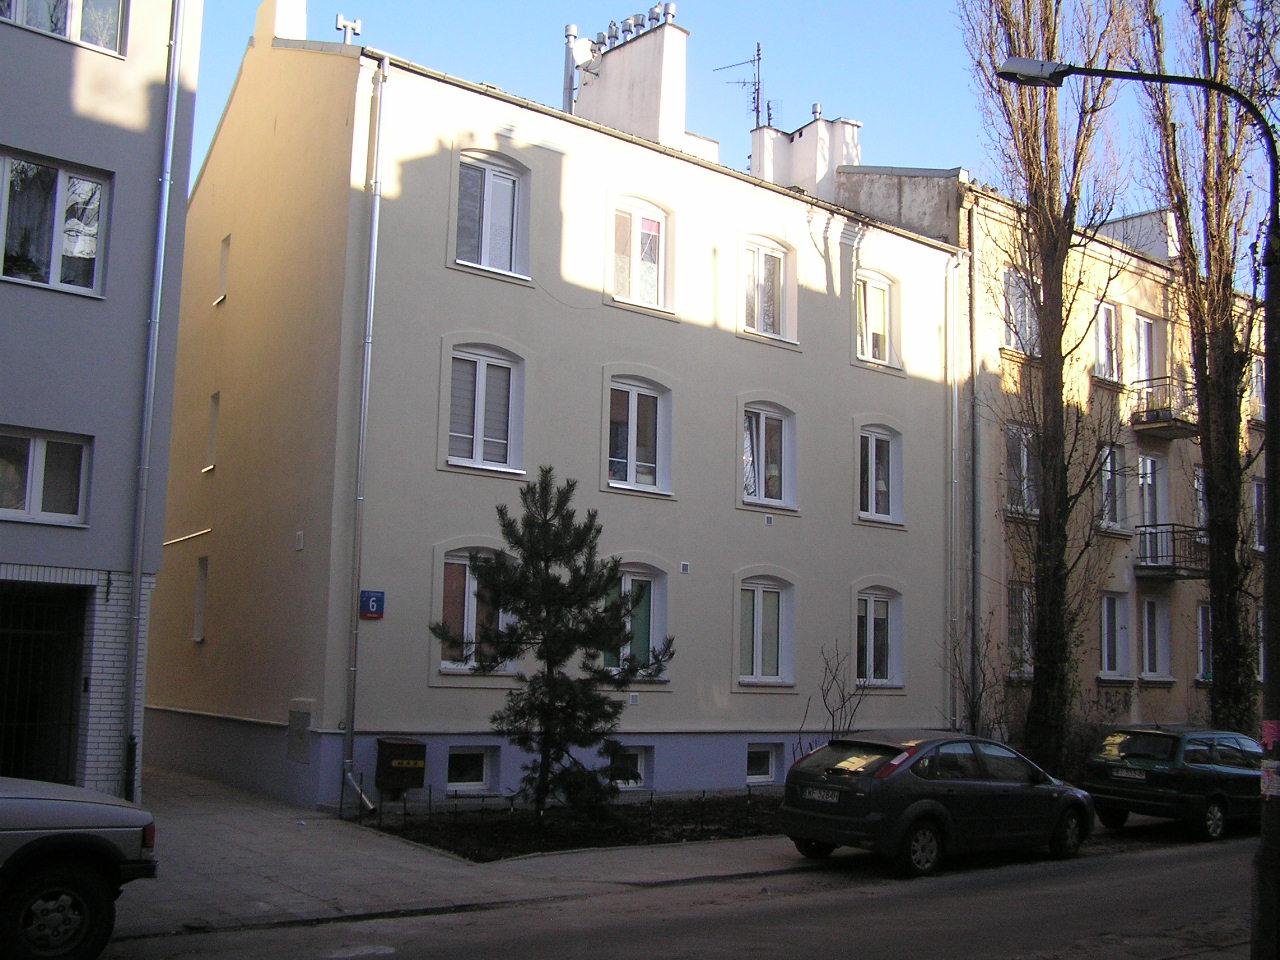 Kamienica przy ulicy Dobrowoja 6 na Grochowie